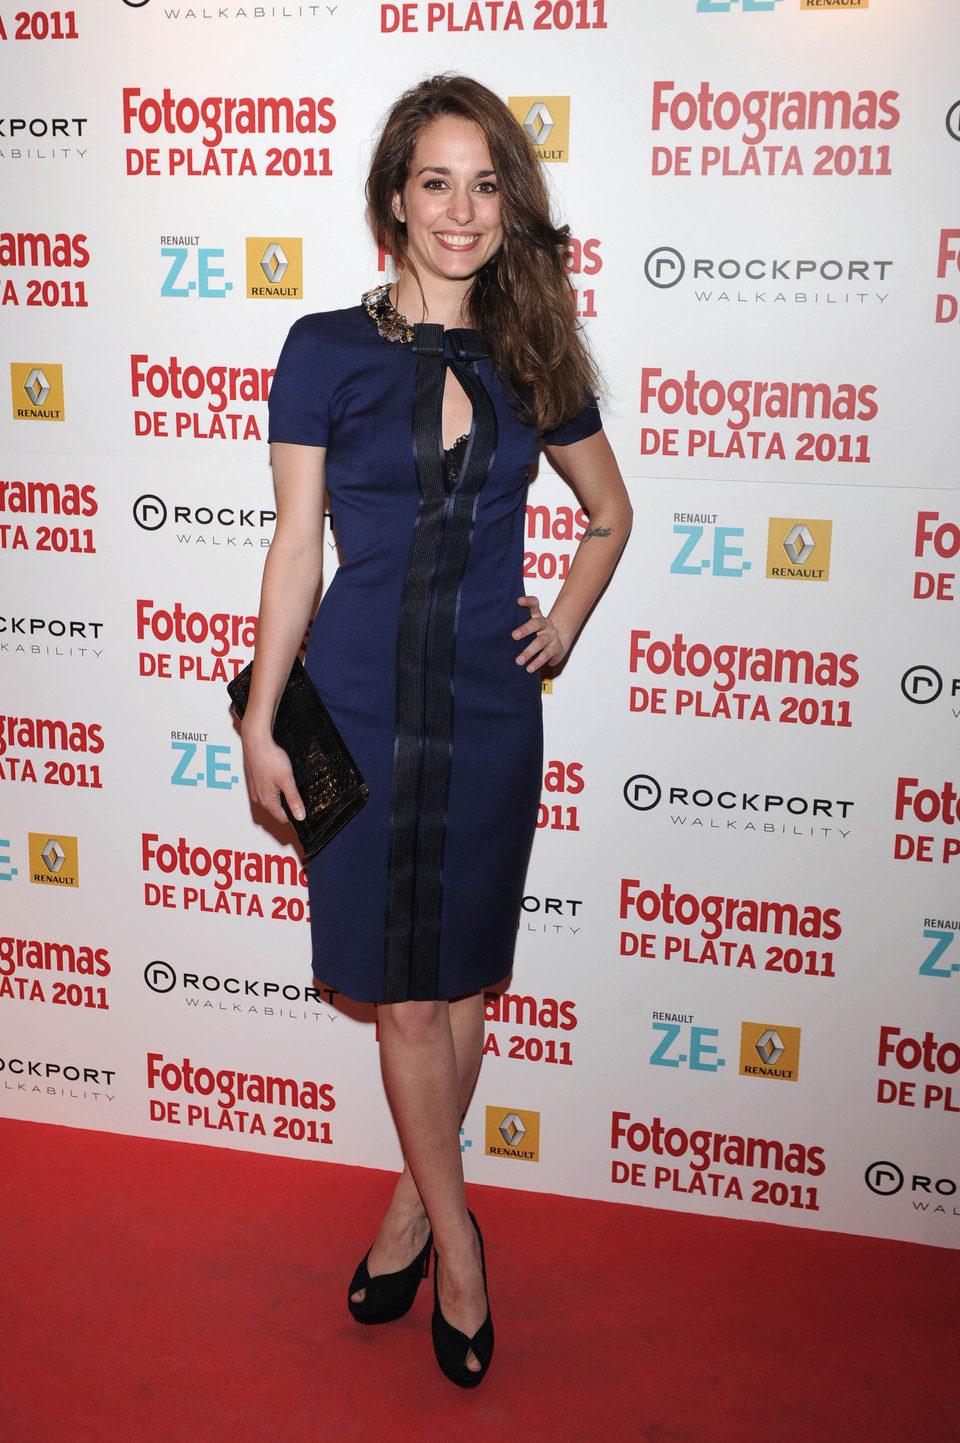 Silvia Alonso en los Fotogramas de Plata 2011